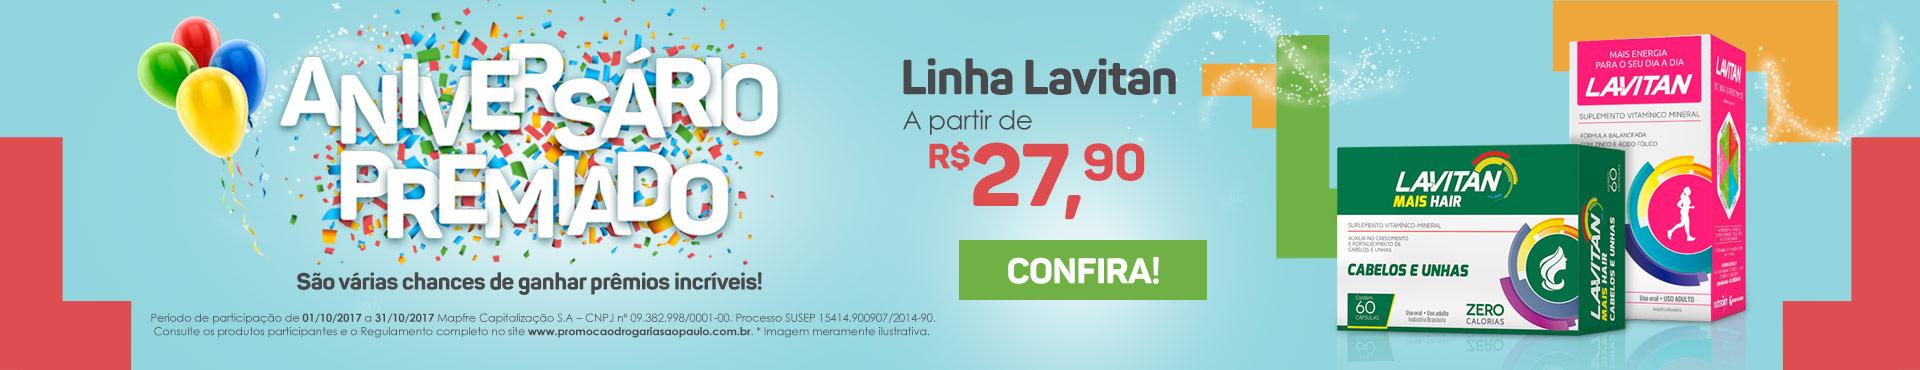 ANIVERSARIO DAS MARCAS marketing